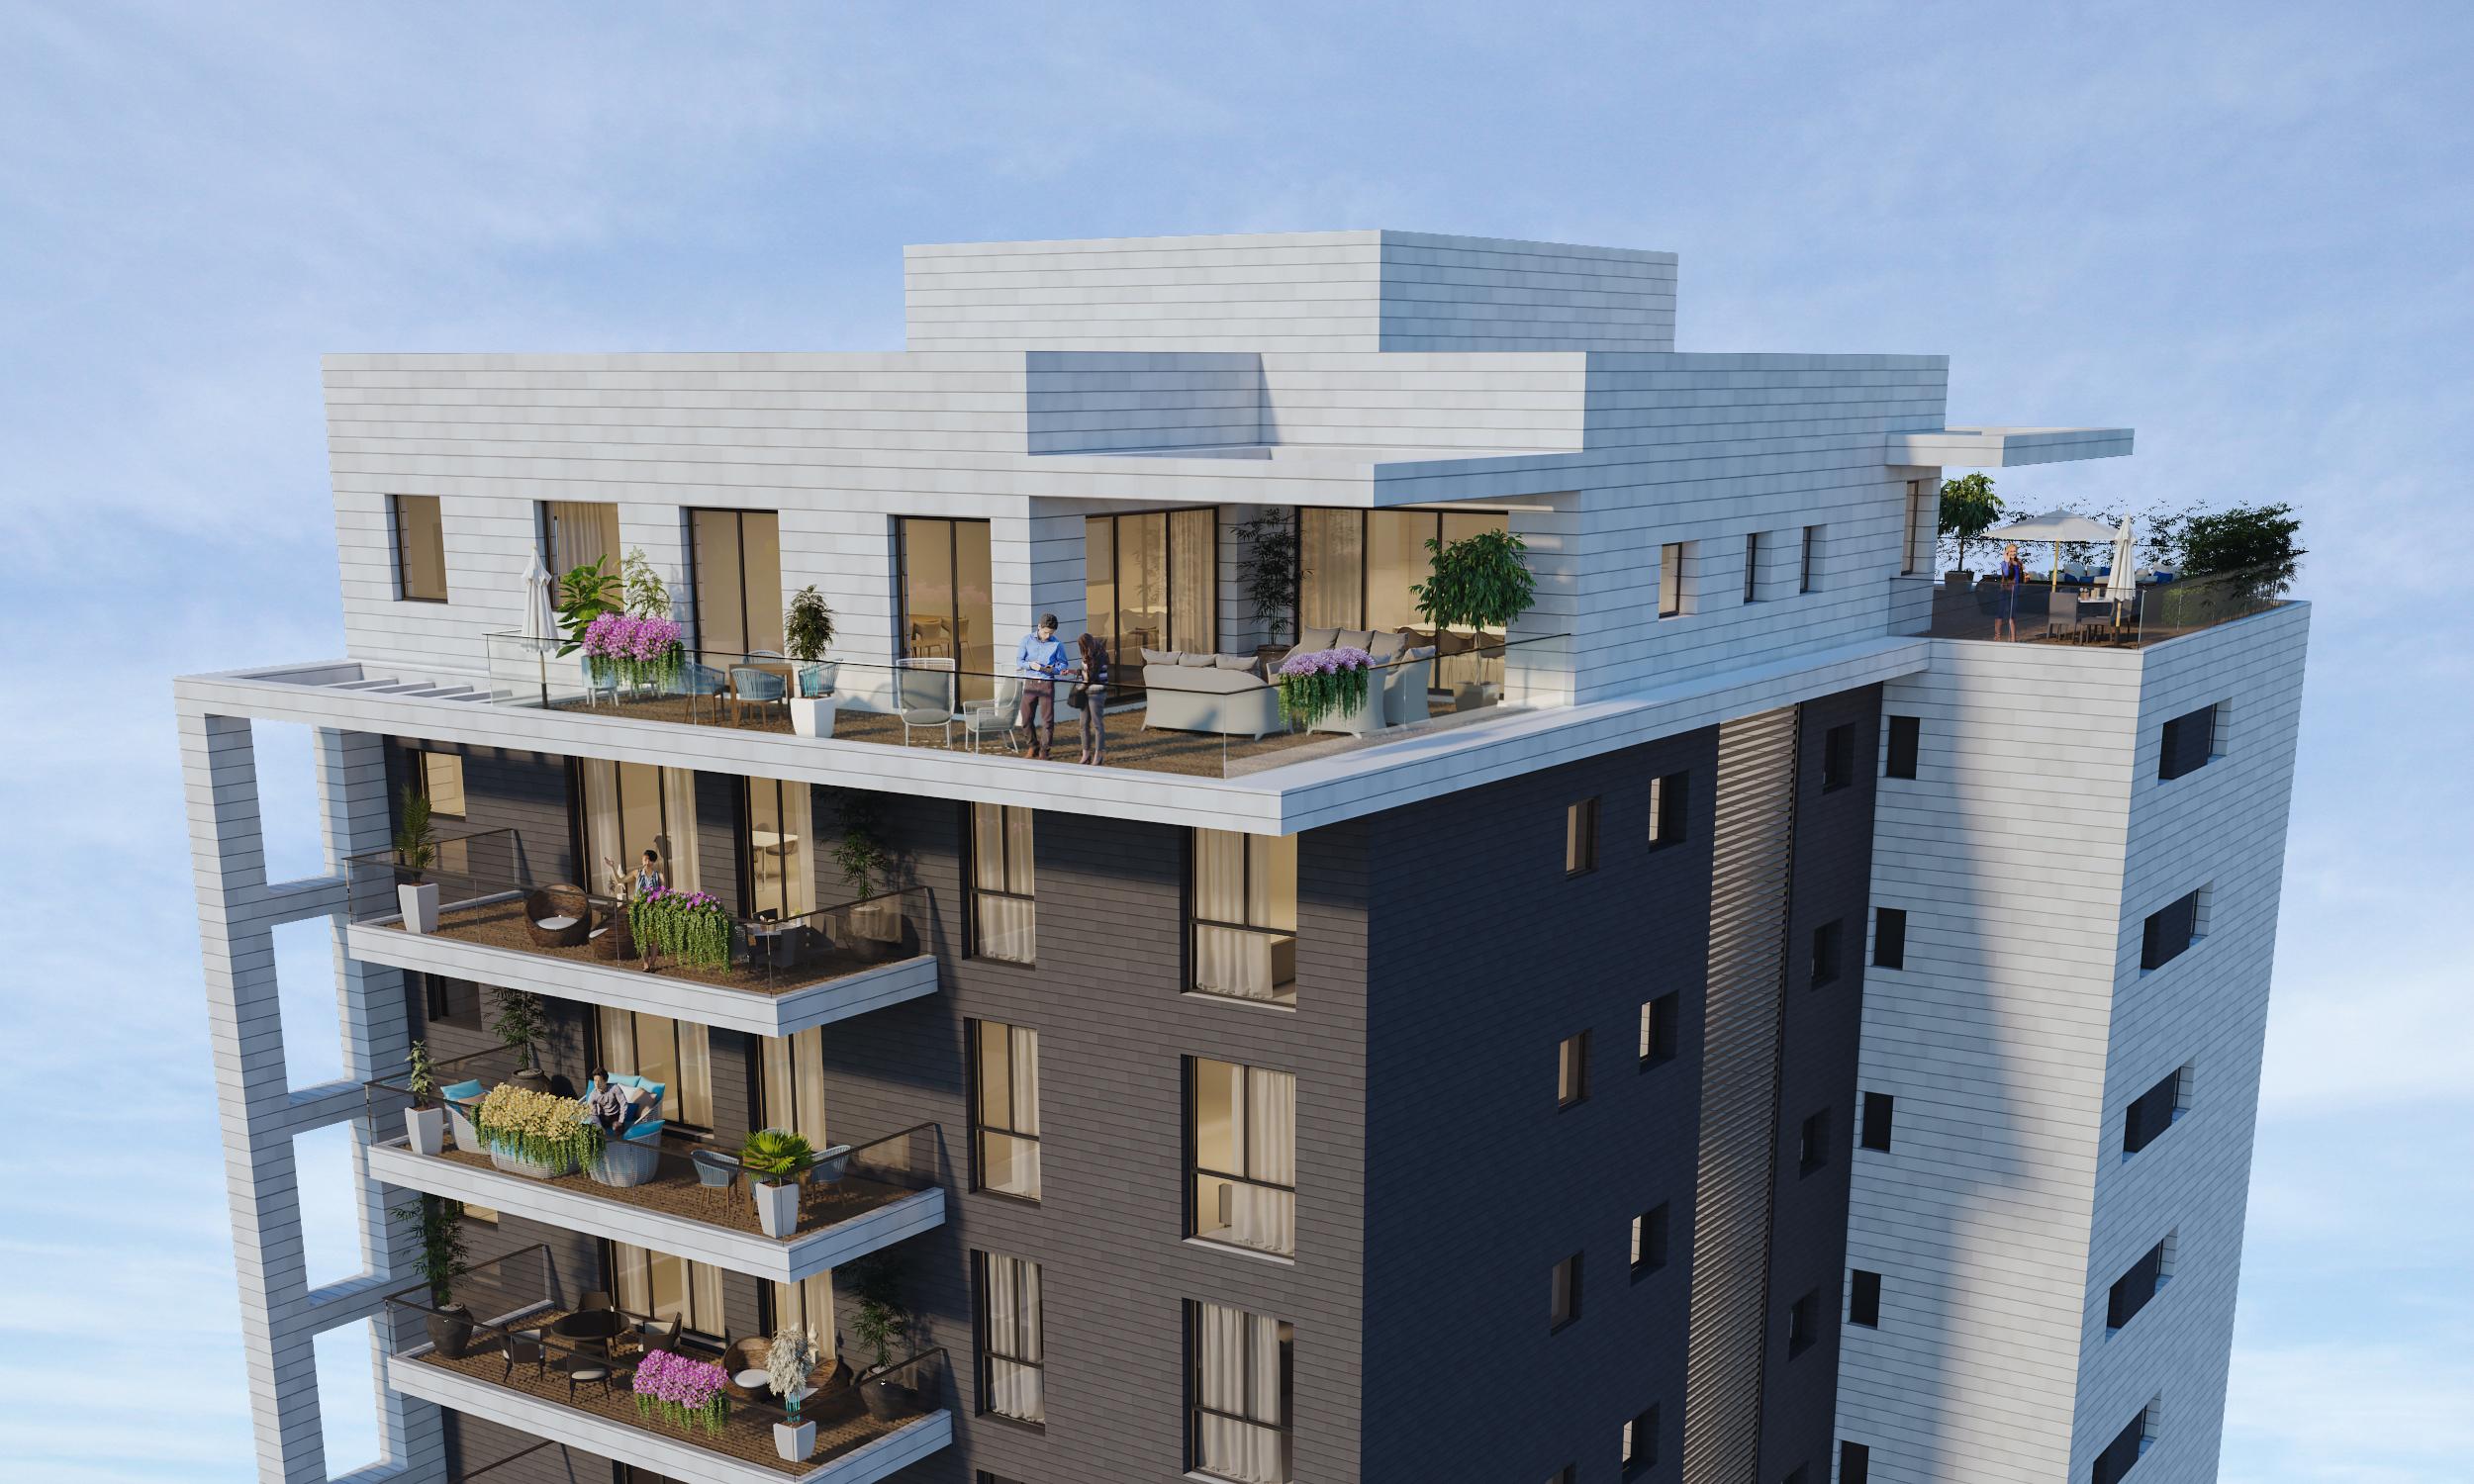 כיצד פתרונות חימום לבית באים לידי ביטוי בתכנון פרויקט אדריכלי חדש?